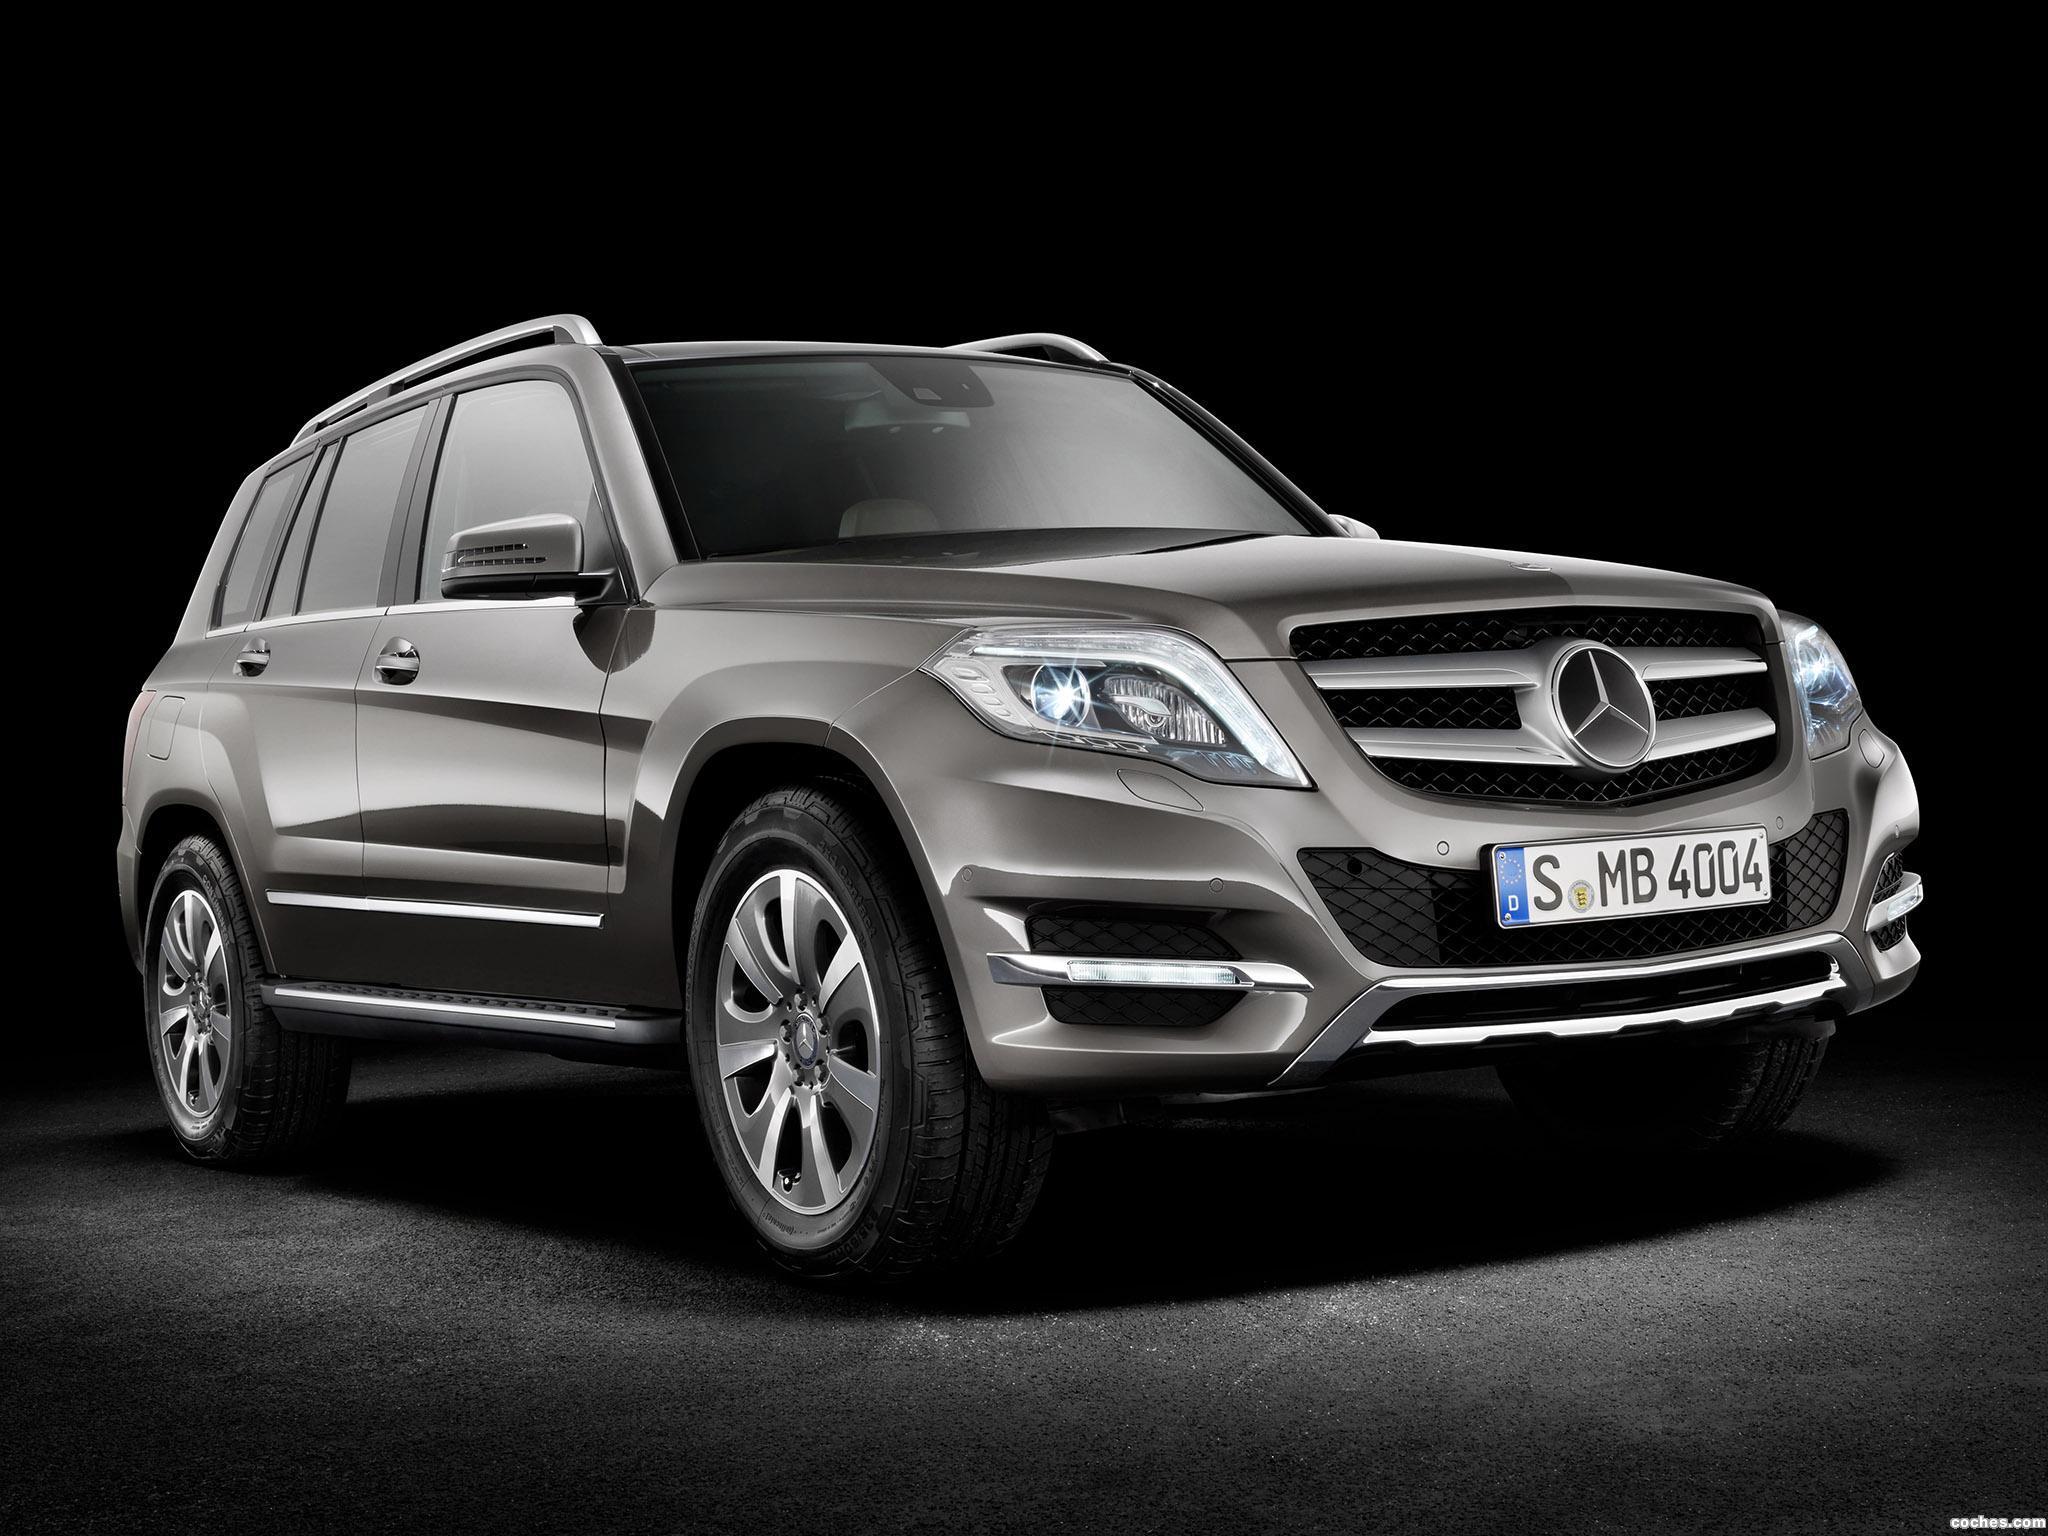 Foto 0 de Mercedes GLK 250 BlueTEC 4MATIC 2012